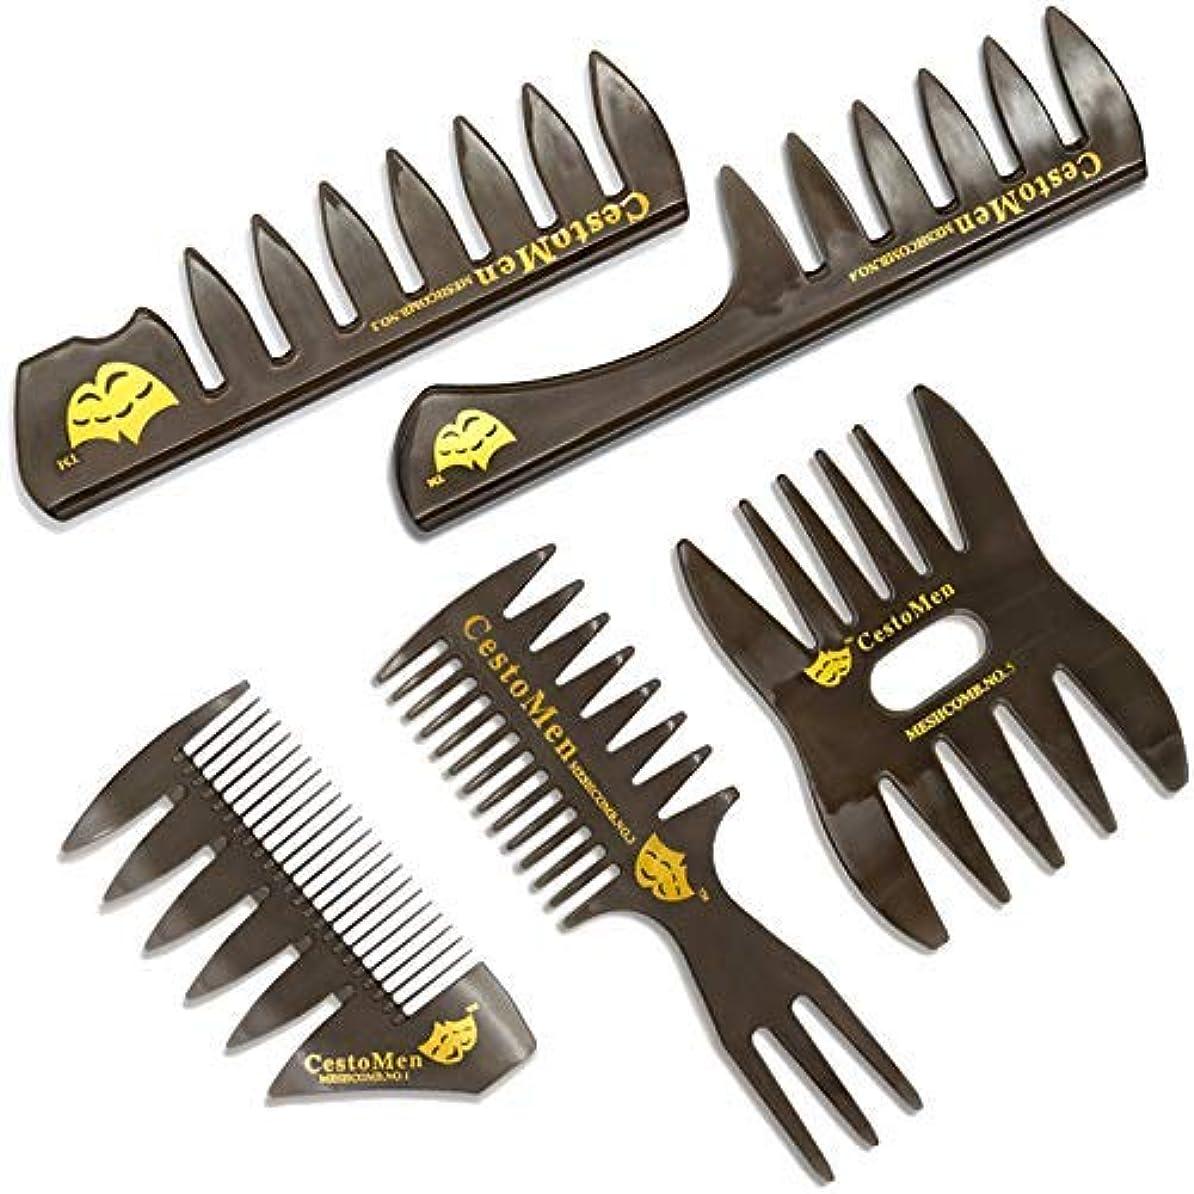 命令的樫の木ドラマ5 PCS Hair Comb Styling Set Barber Hairstylist Accessories - Professional Shaping & Teasing Wet Combs Tools, Anti Static Hair Brush for Men Boys [並行輸入品]